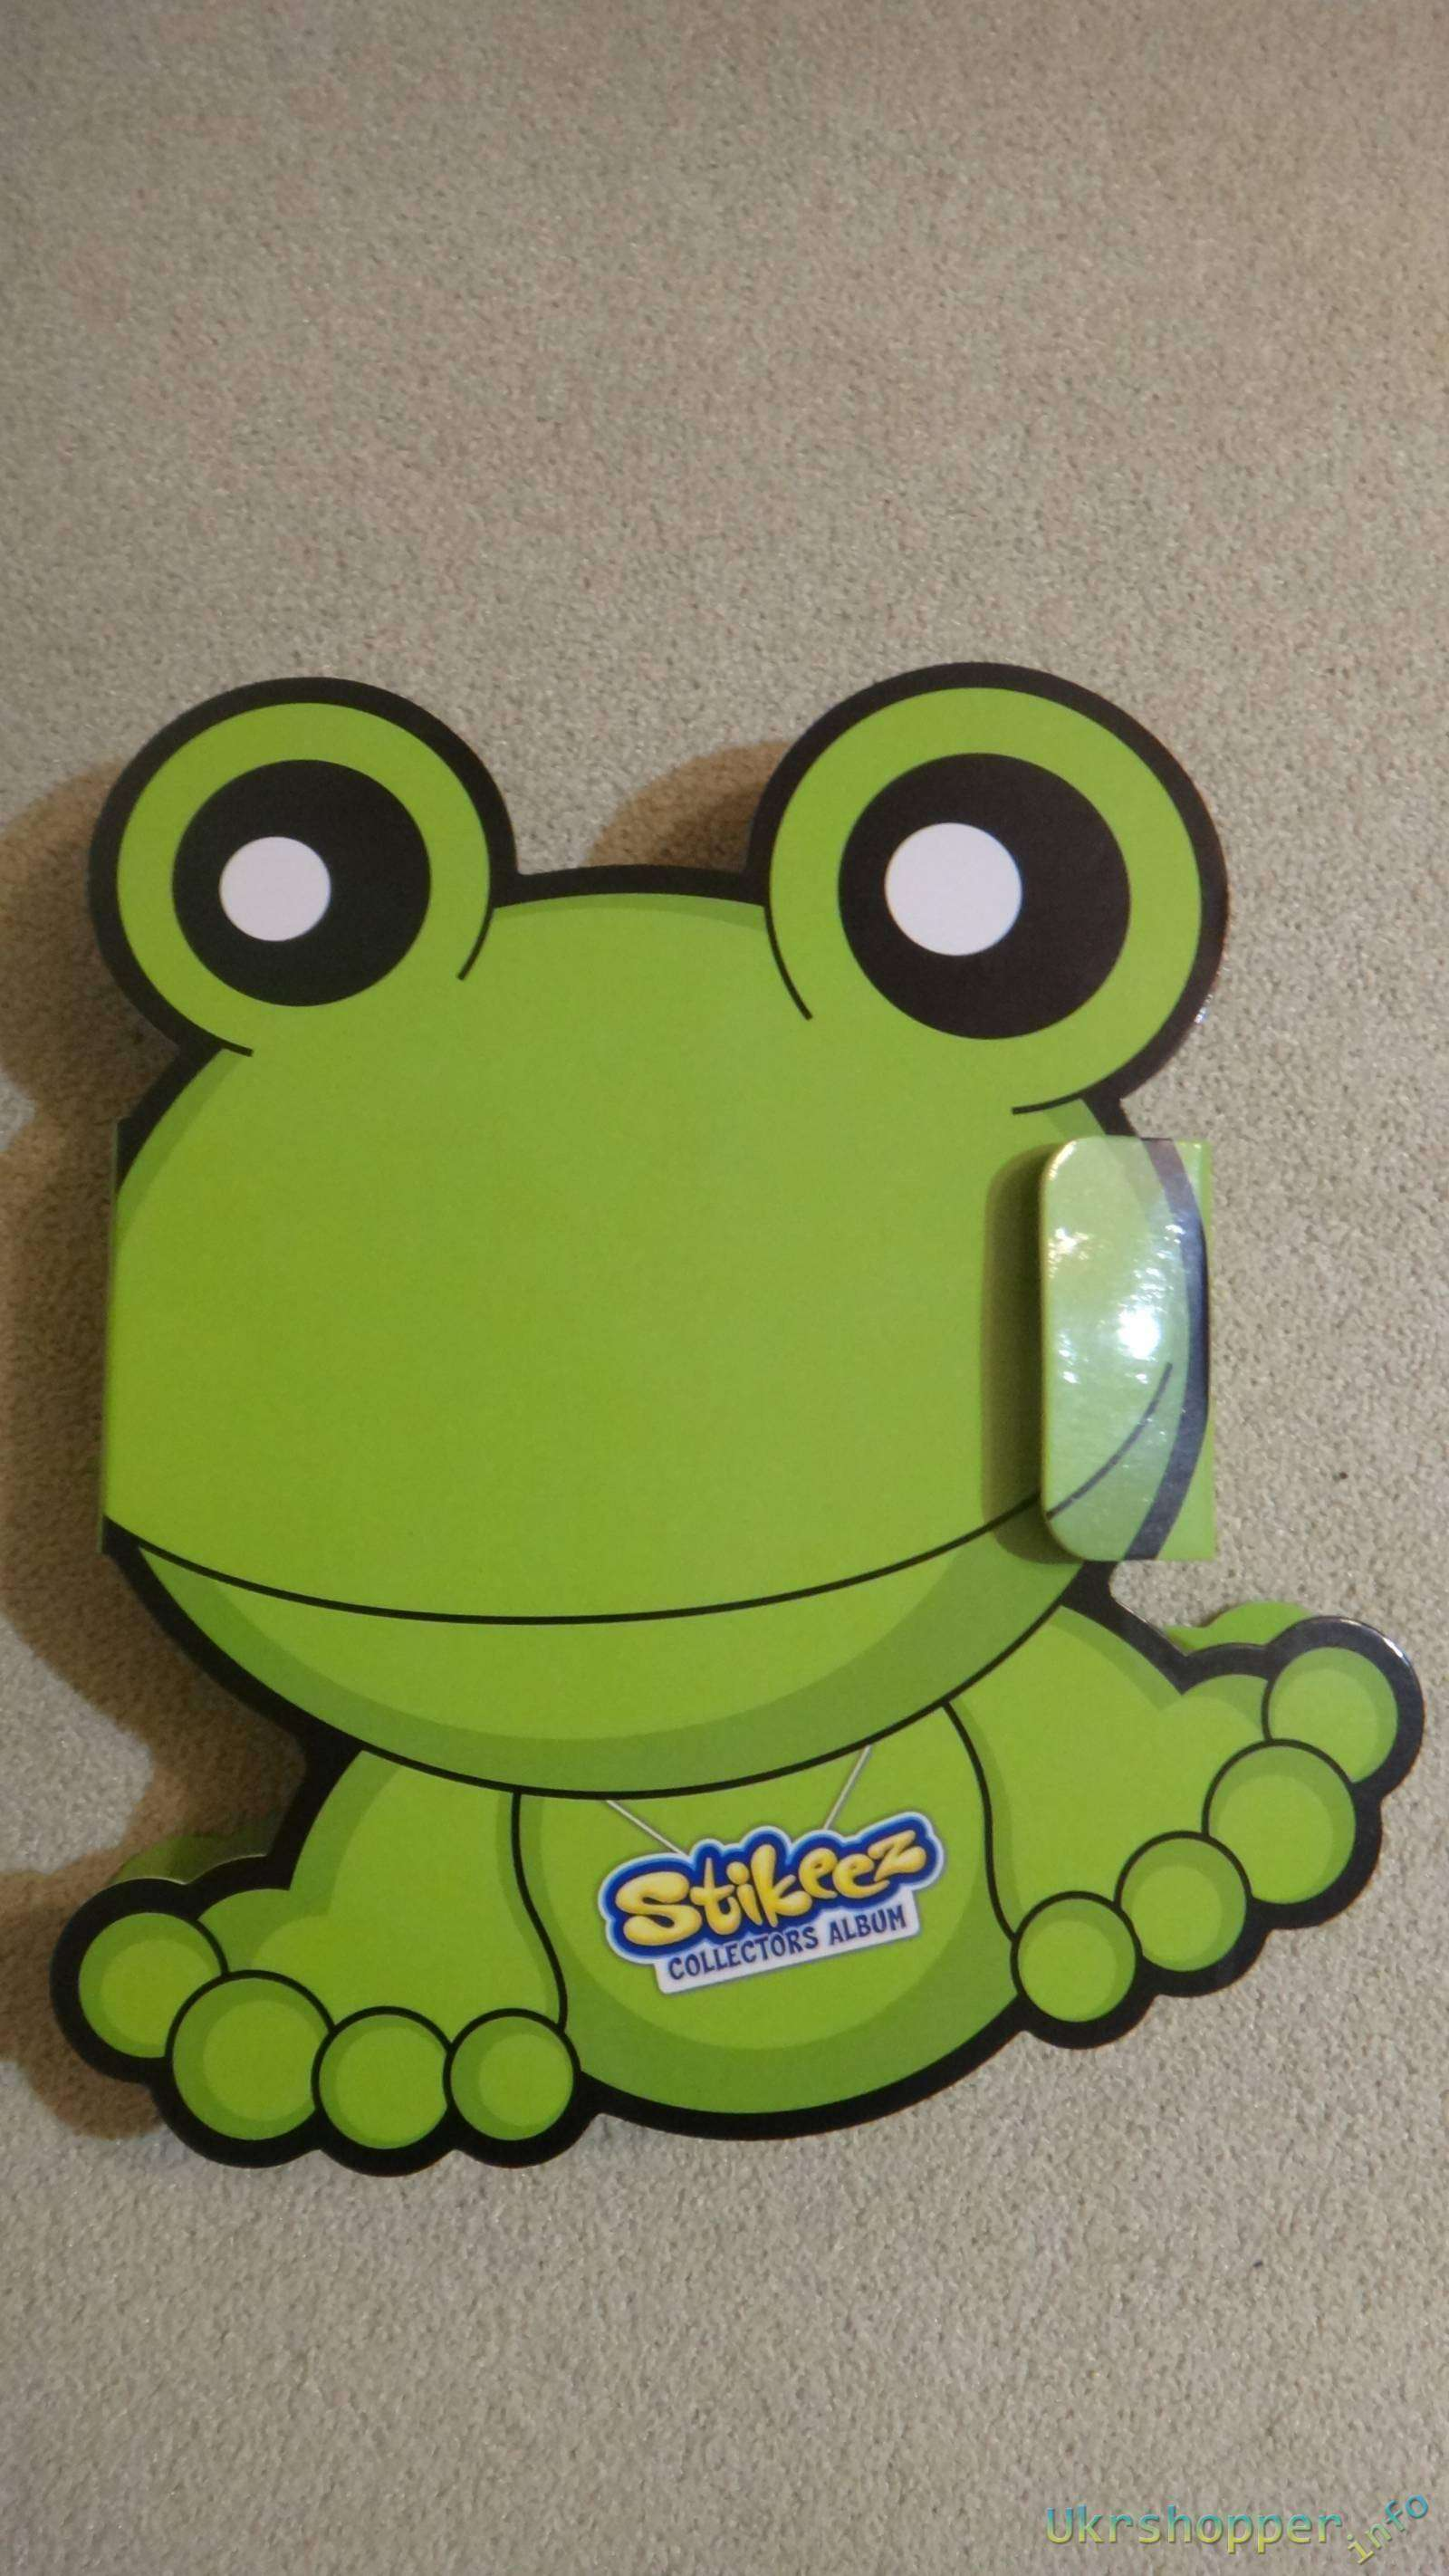 Обзор коллекции Stikeez (липучек-игрушек) из Сильпо